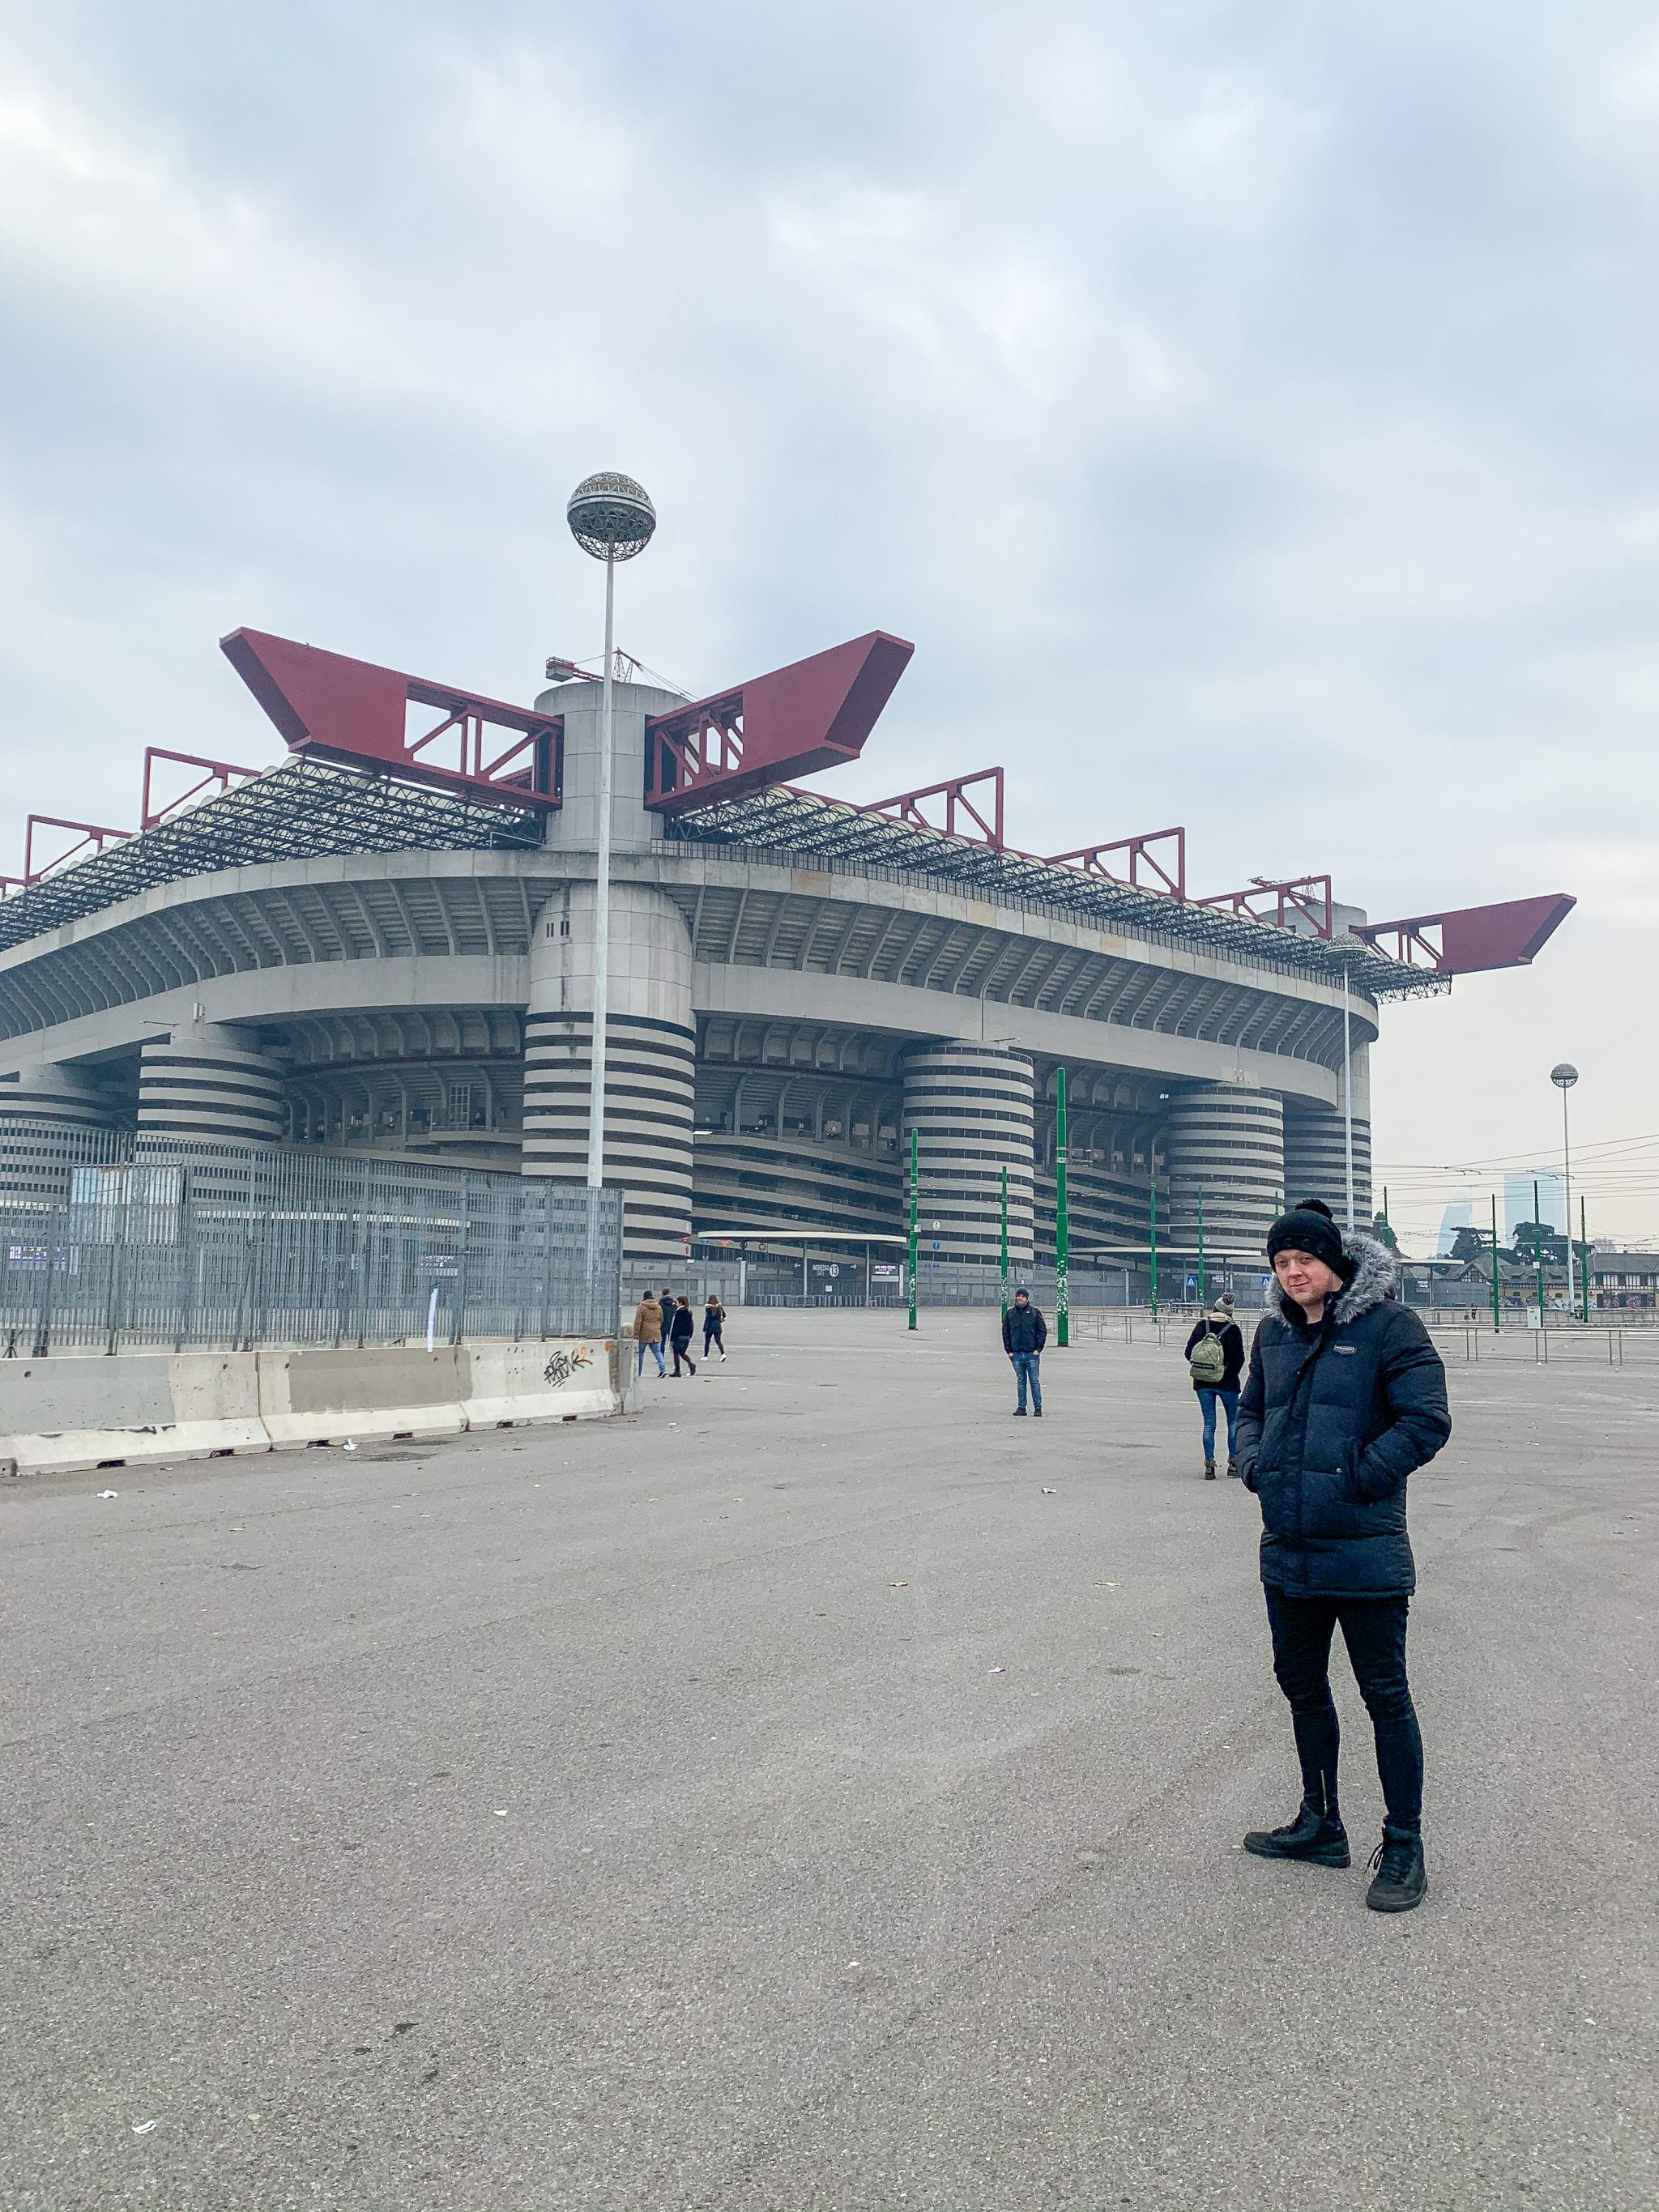 San Siro football stadium